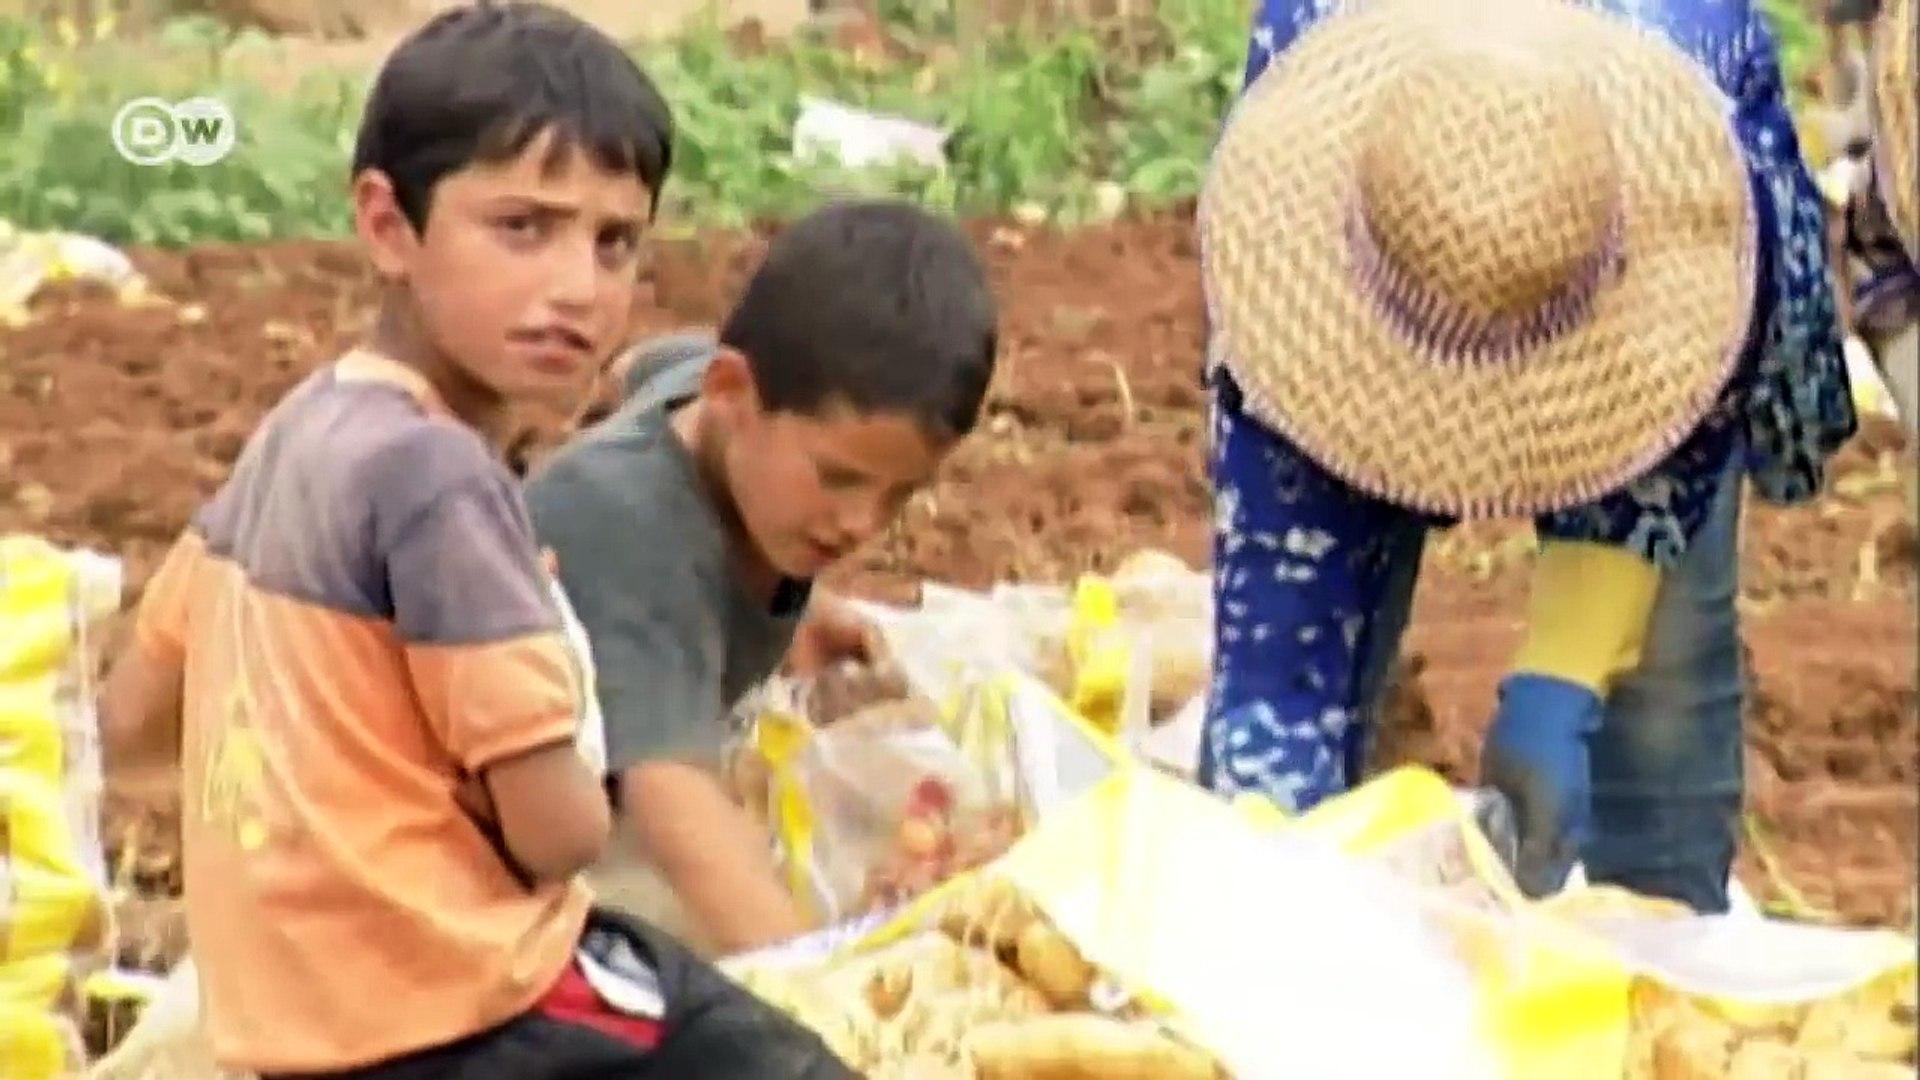 Explotación laboral de niños en Líbano | Reporteros en el mundo